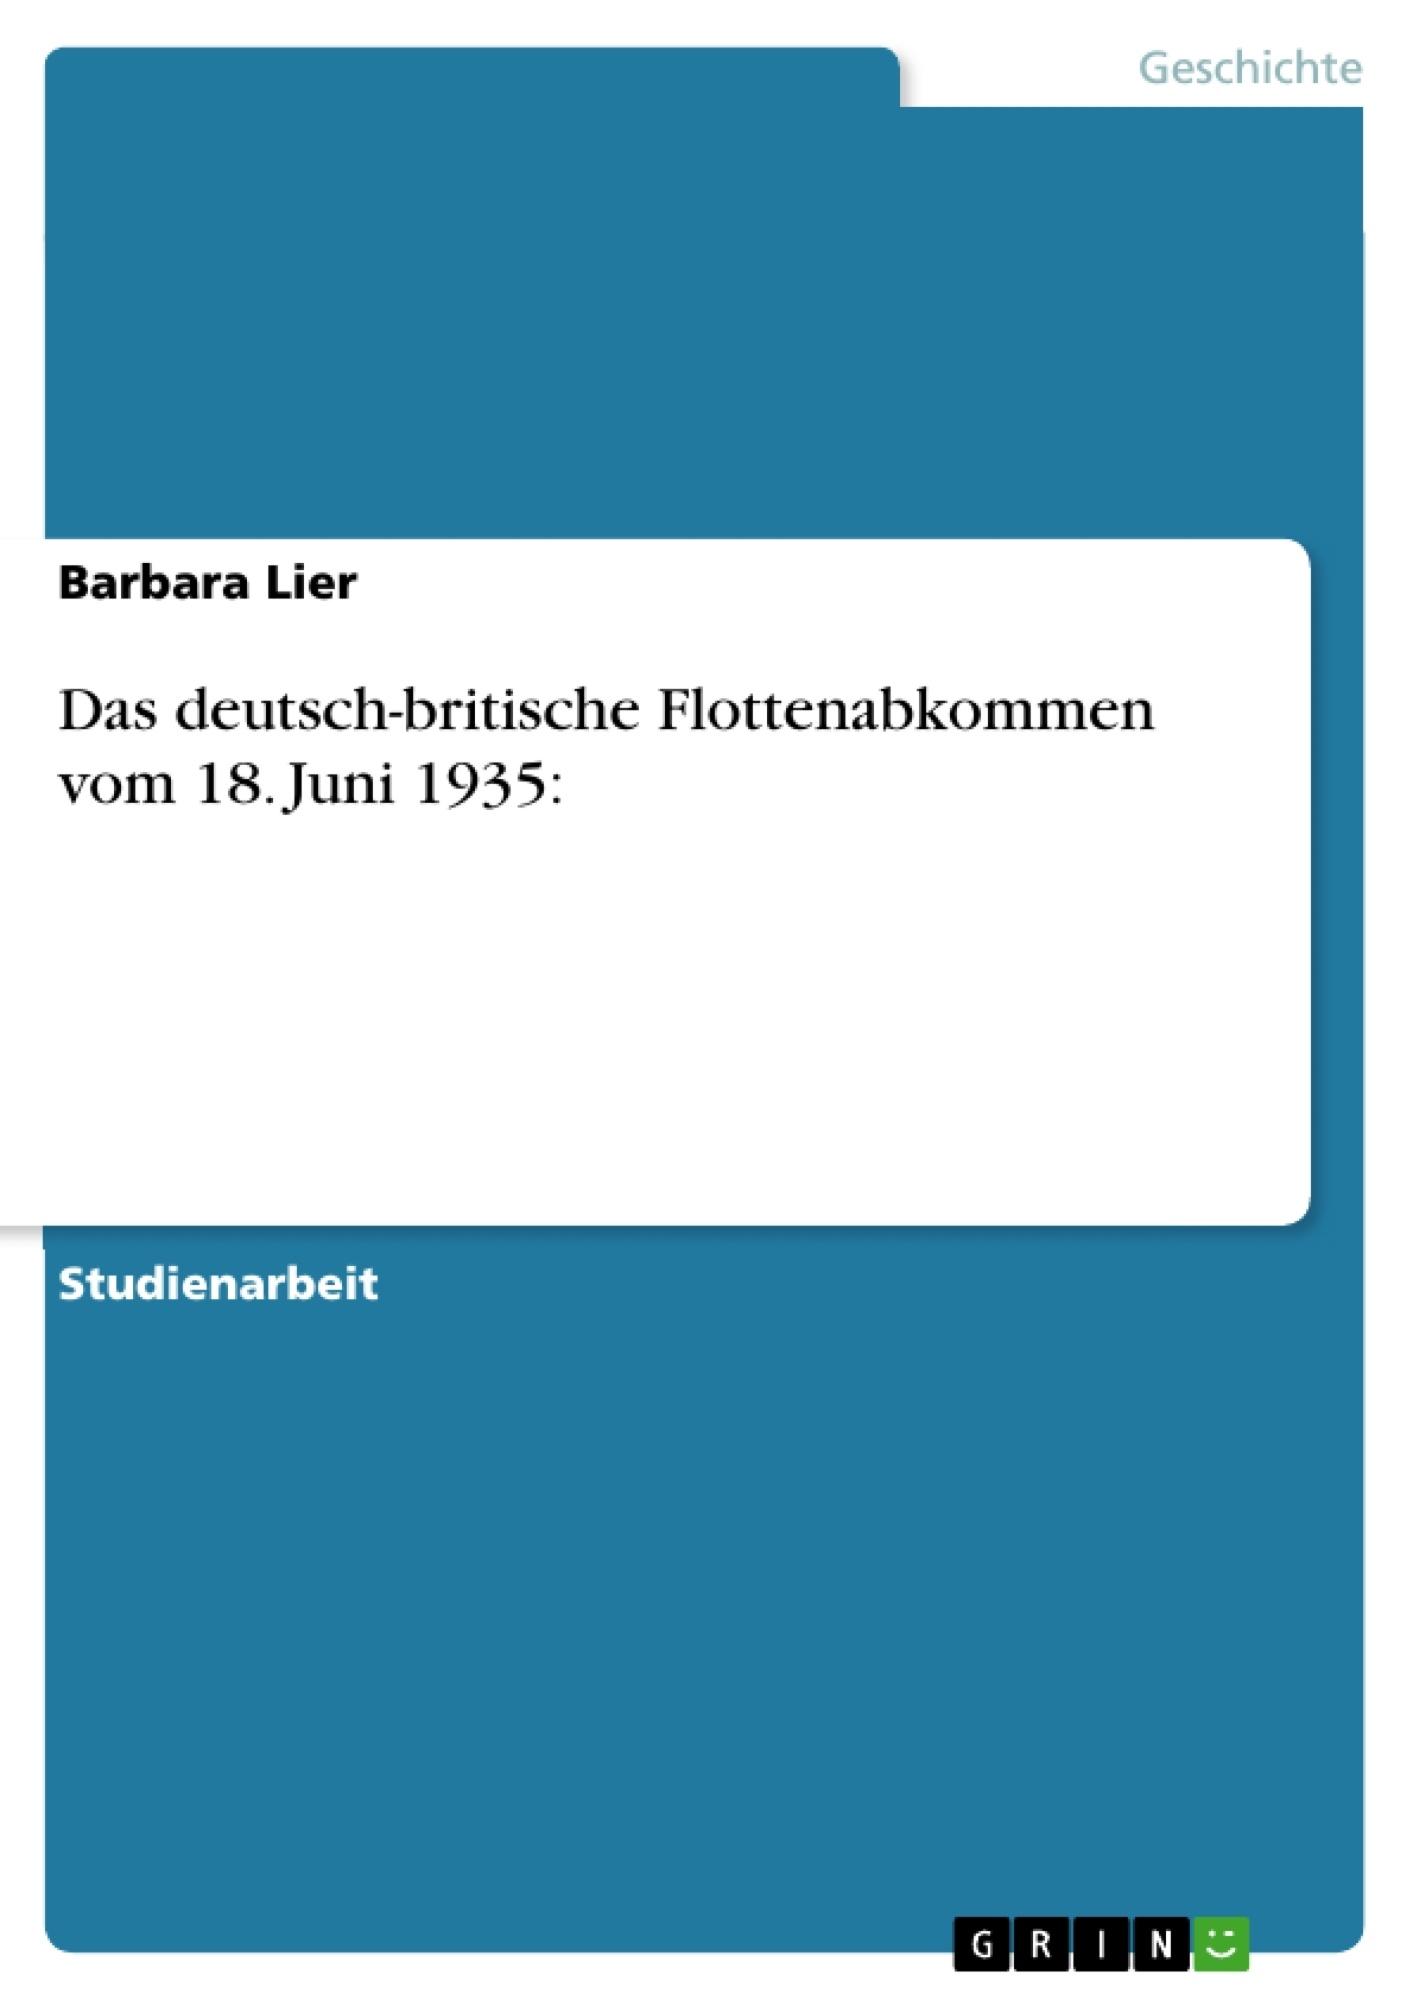 Titel: Das deutsch-britische Flottenabkommen vom 18. Juni 1935: